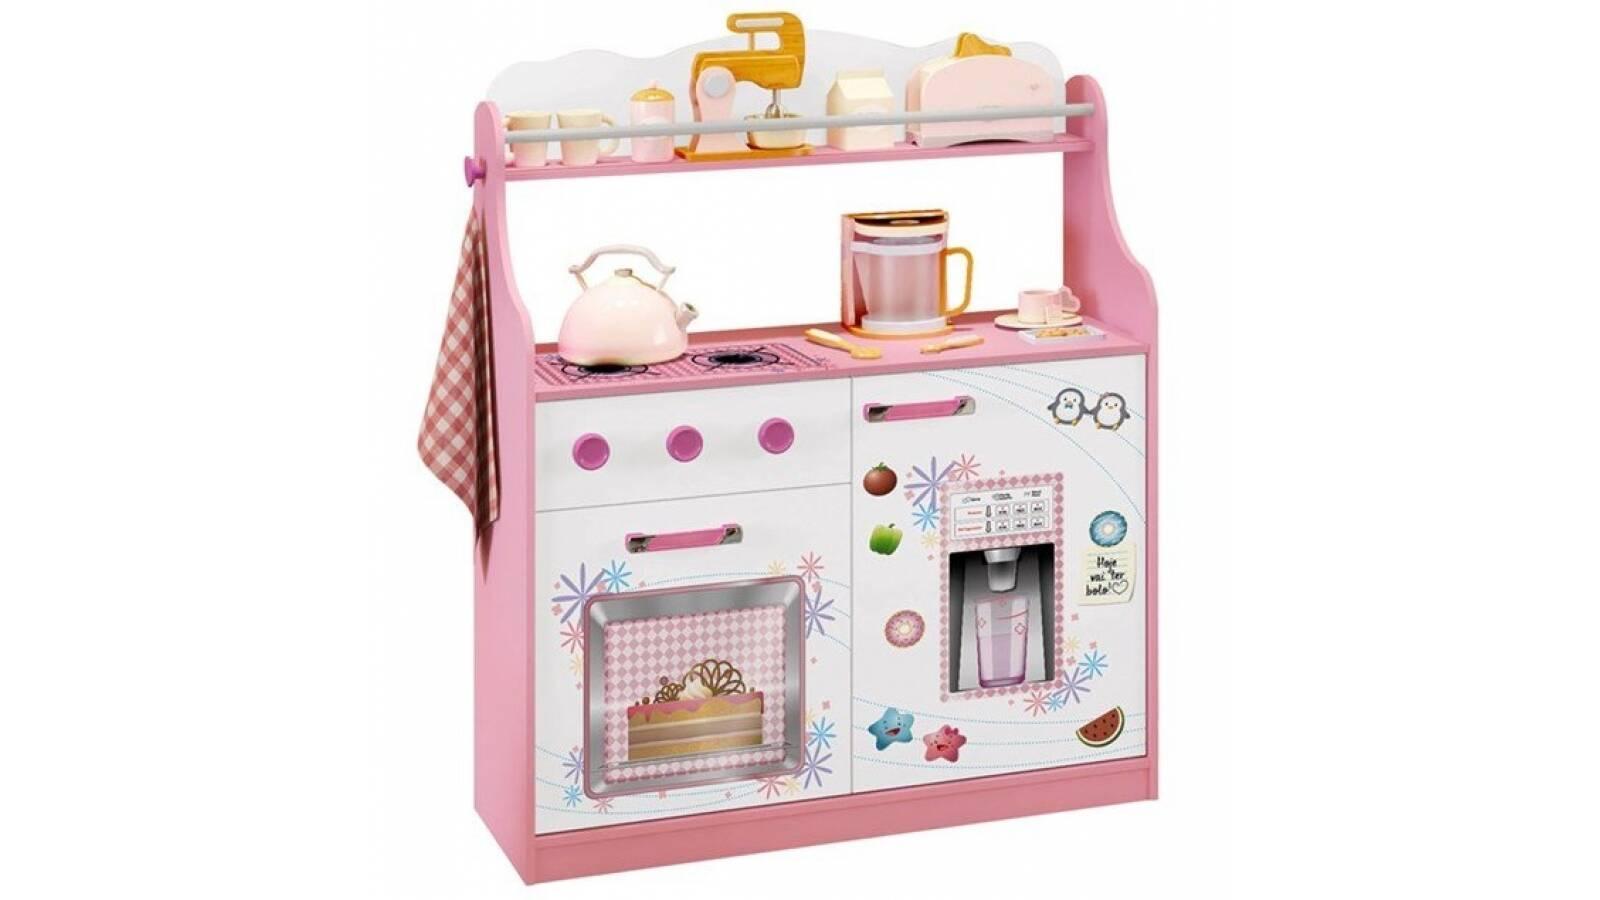 Cocina de madera para niños - Excelente calidad juguete